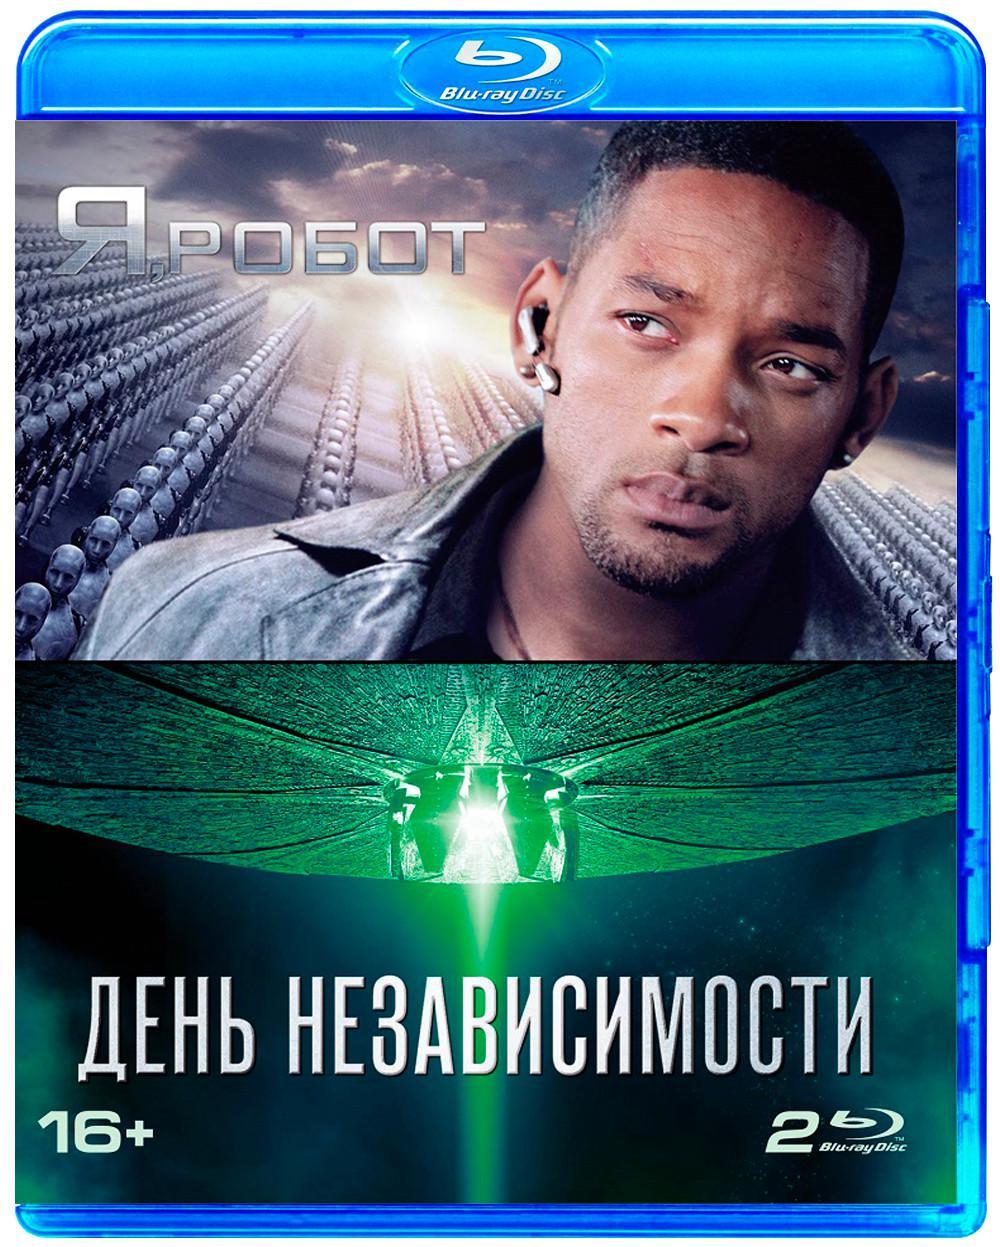 Blu-ray. Я, Робот + День независимости. Коллекция фантастики (количество Blu-ray: 2)